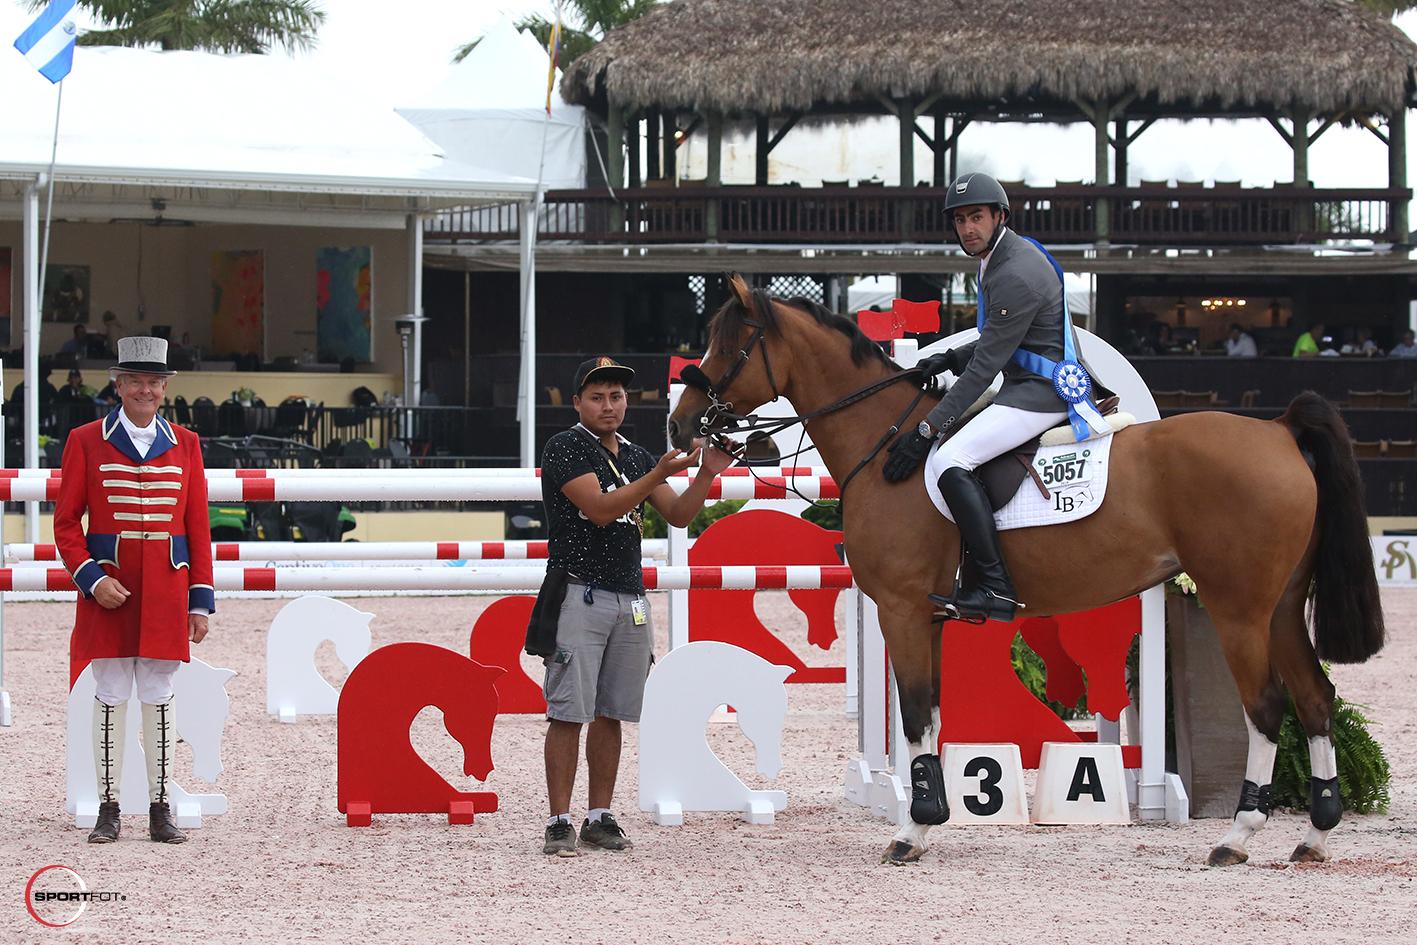 Ibrahim Barazi and Omnia Incipit pres 315_5706 Sportfot